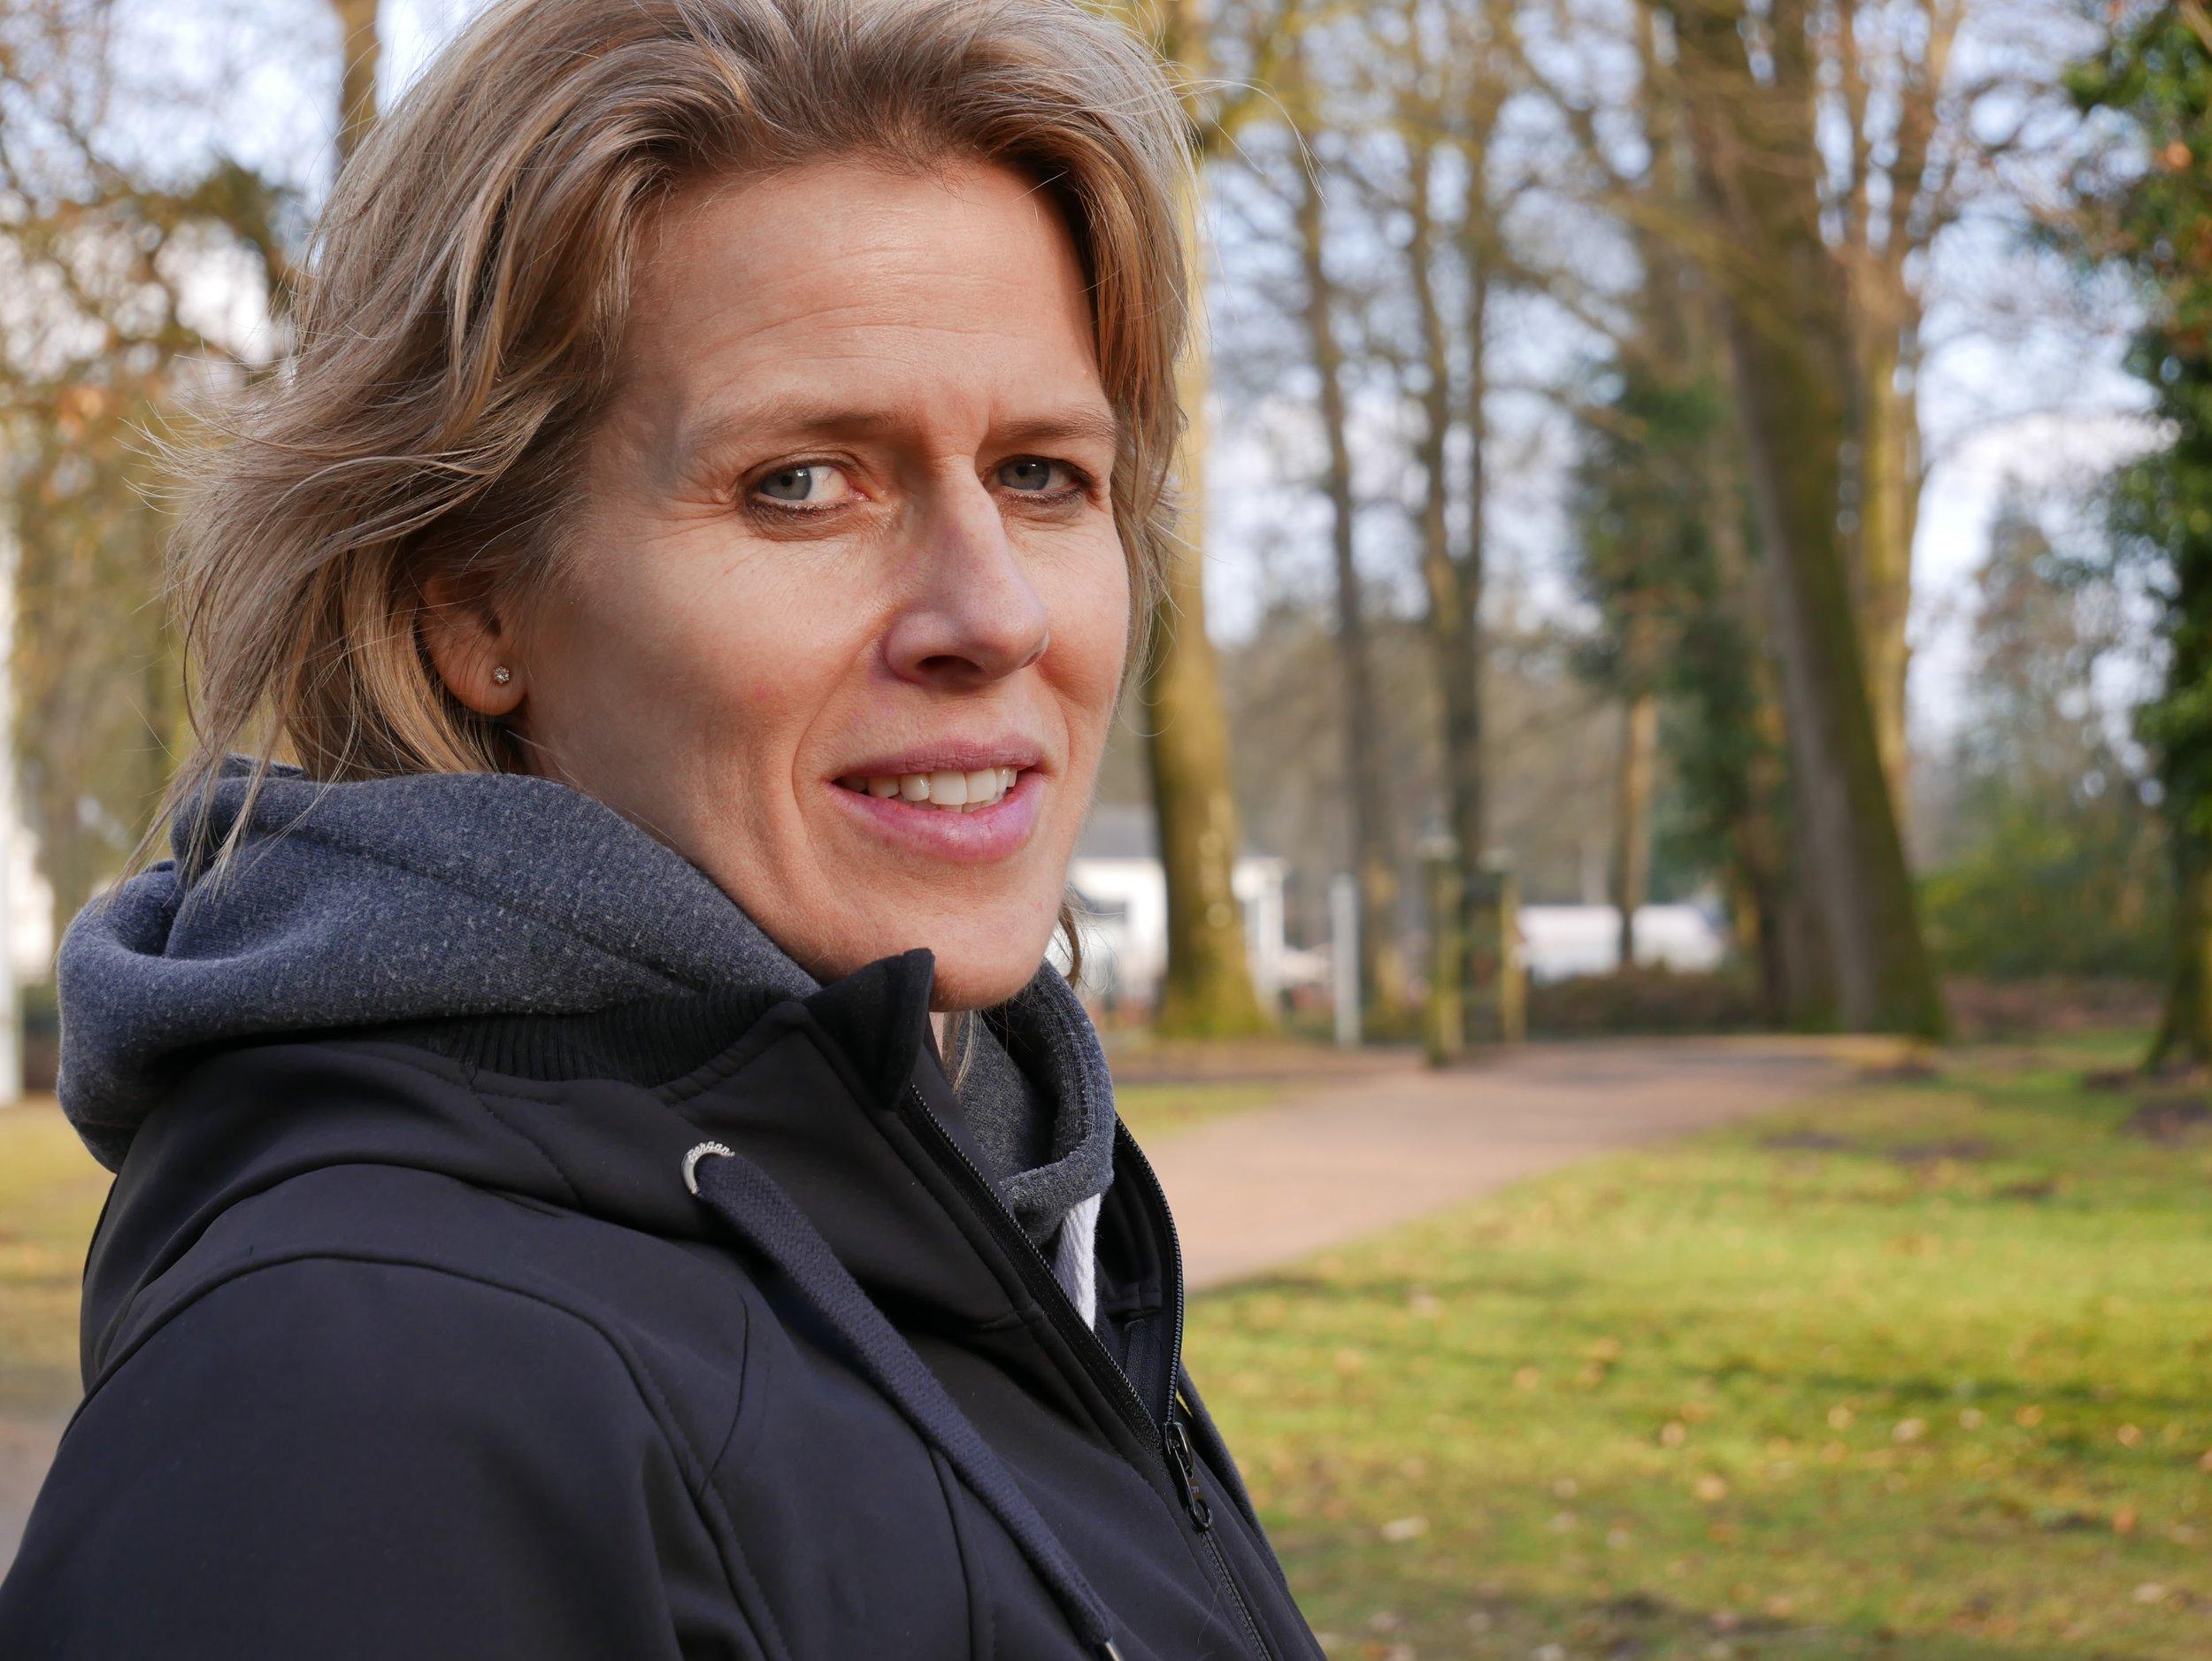 Monique Zuijdwijk, Voedingsdeskundige